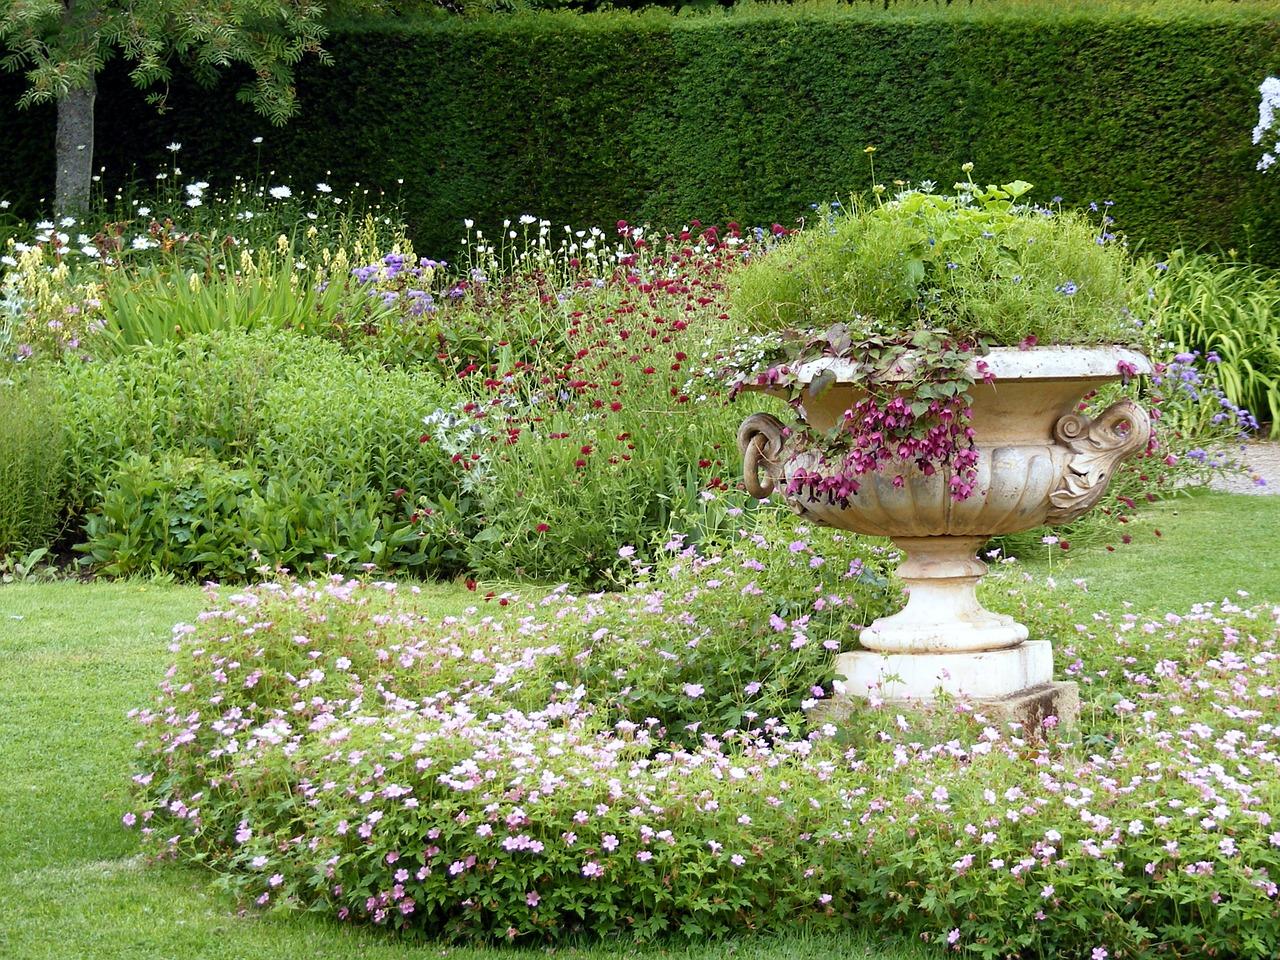 garden-470718_1280